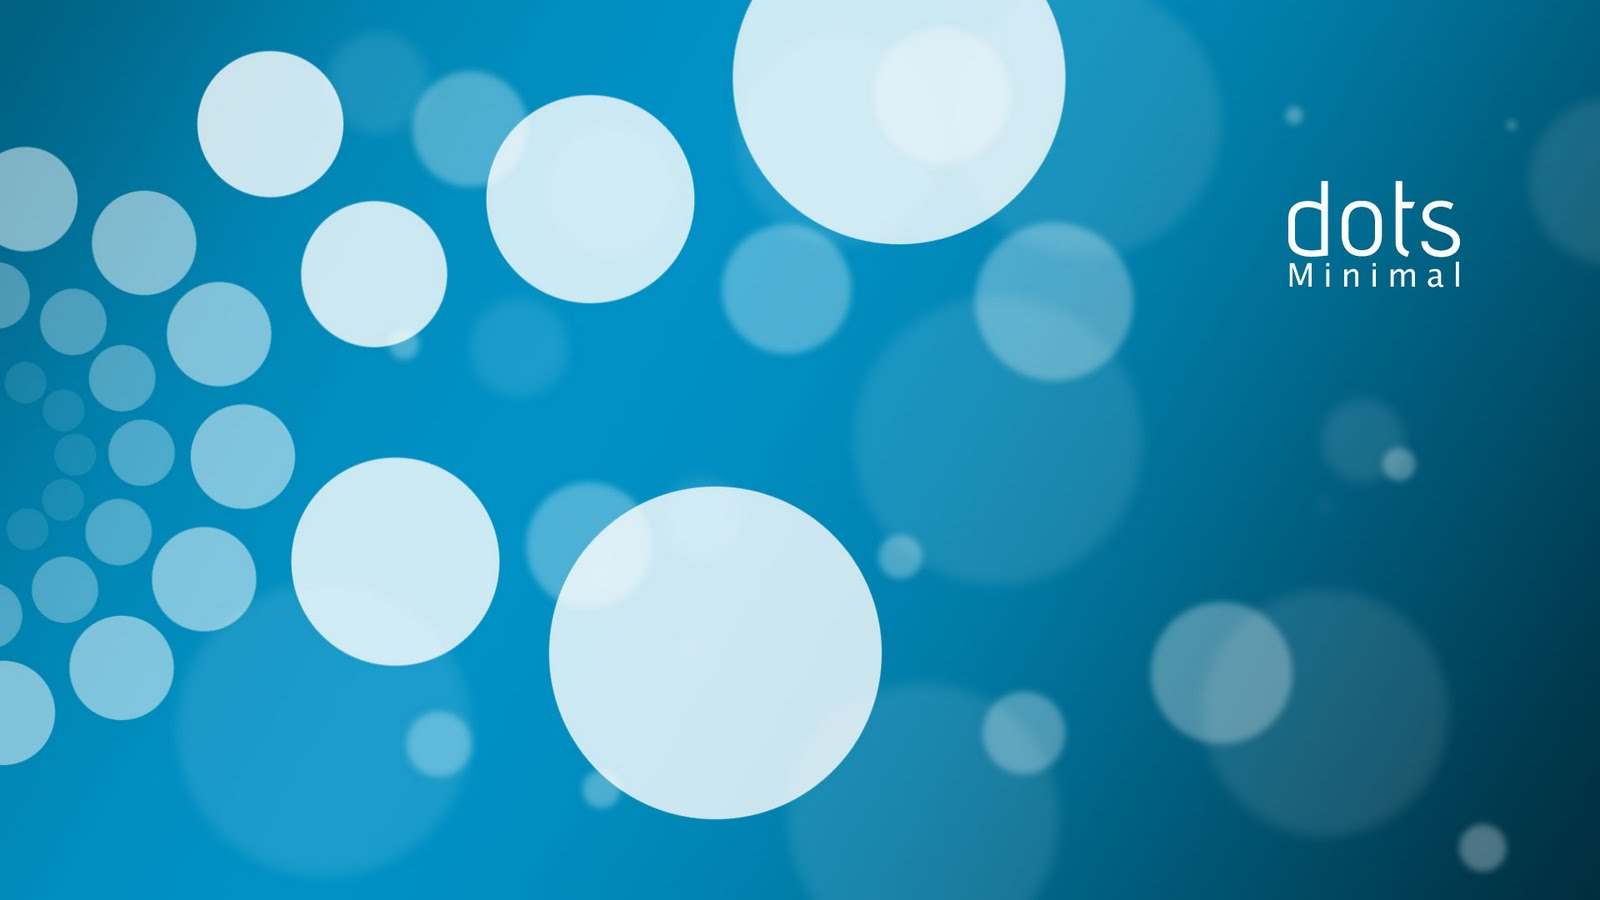 http://2.bp.blogspot.com/-LKtHsD2Ew_Y/TkzE86ZErGI/AAAAAAAABXo/t_DbJB0Sf4I/s1600/Art%2BBrush%2BWallpapers%2BHD%2BDots%2BIllustrator%2BBrushes-889526.jpeg